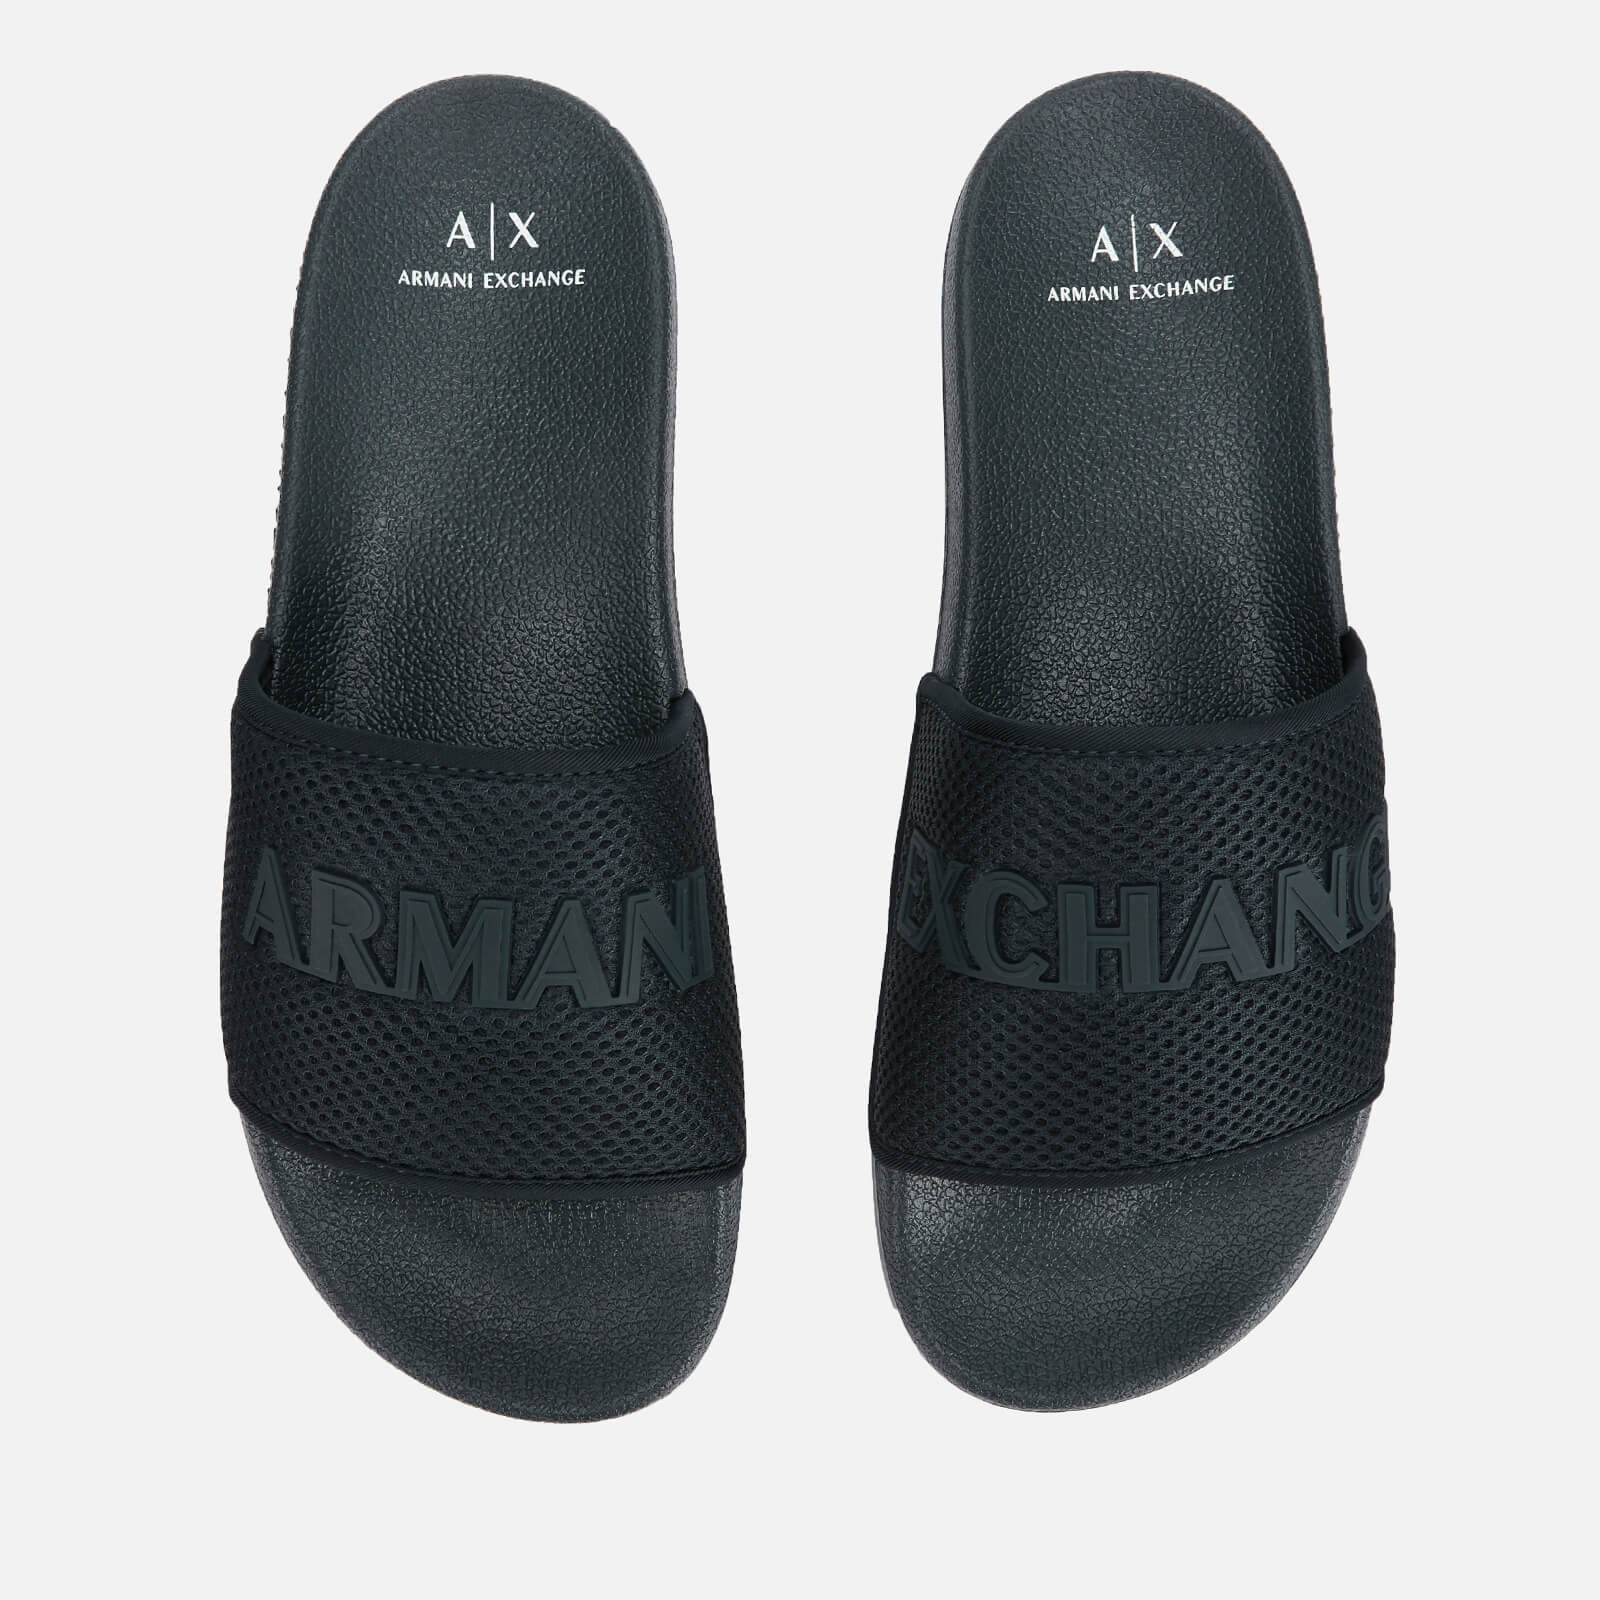 Armani Exchange Men's Mesh Slide Sandals - Dress Blue - UK 7 - Blue